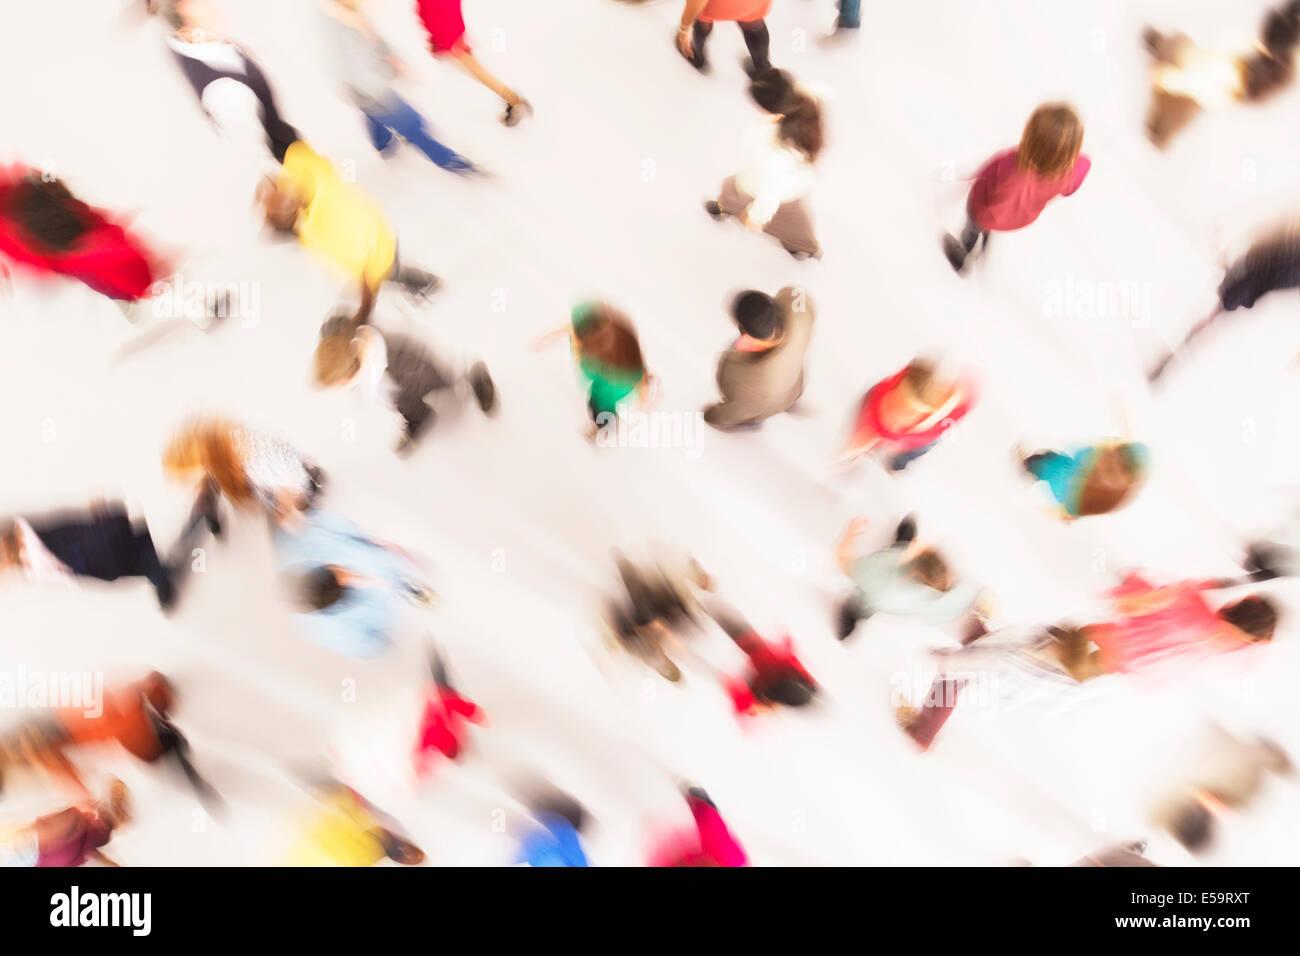 La gente de negocios en movimiento Imagen De Stock